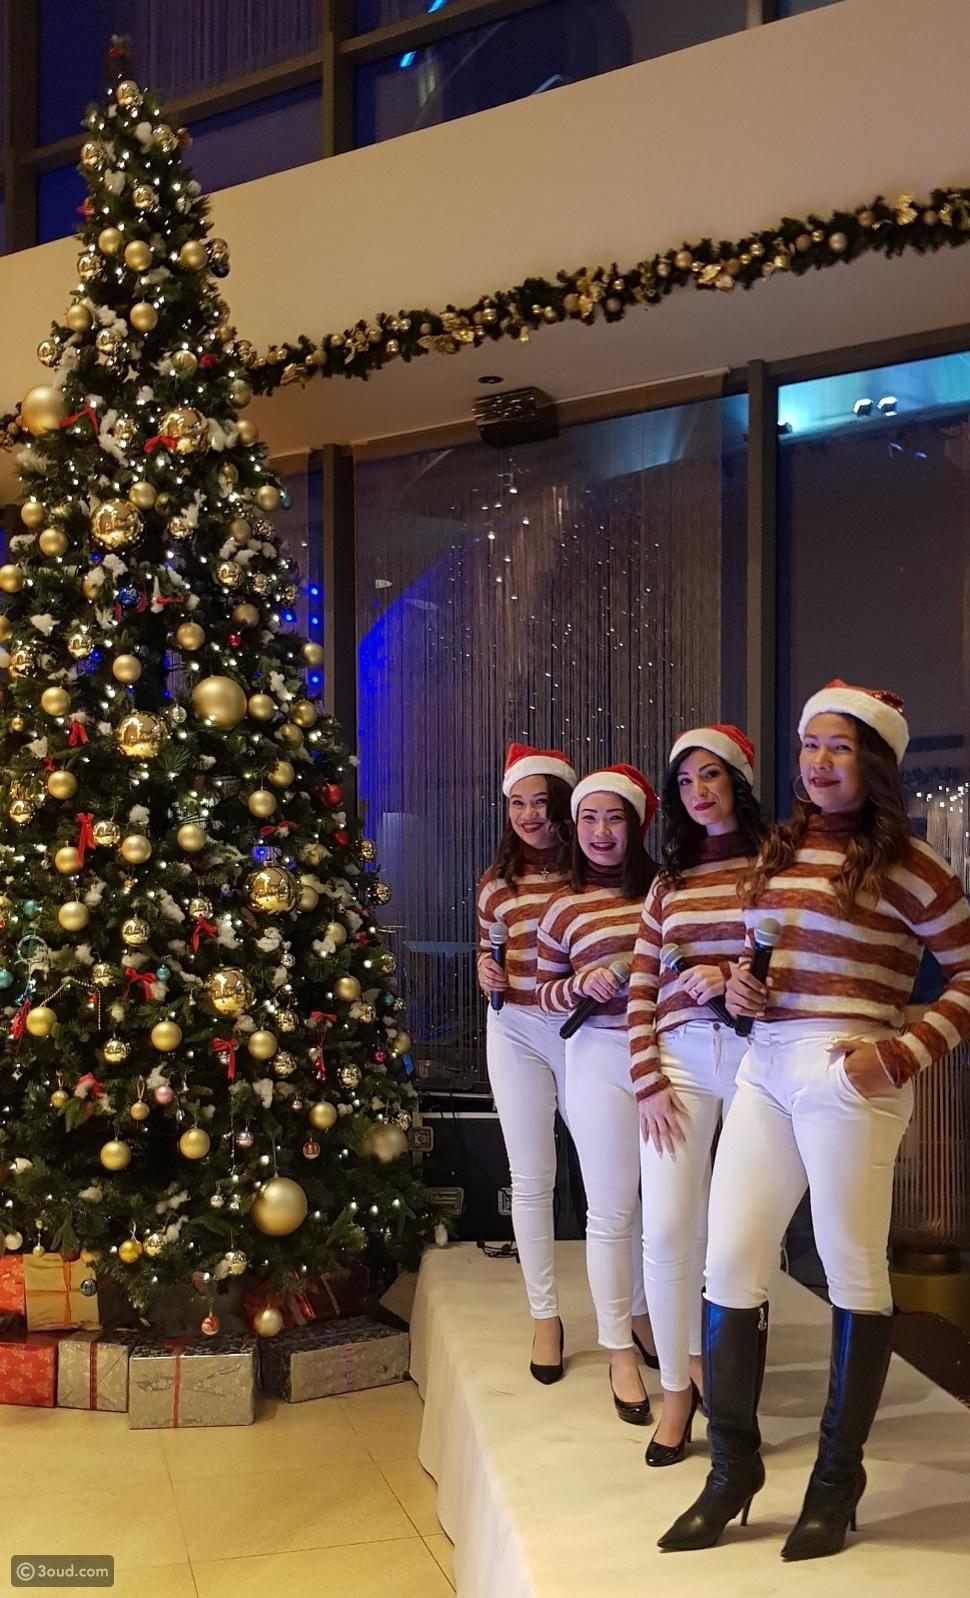 فندق سيمفوني ستايل الكويت يعلن عن انطلاق موسم الاحتفالات مع إضاءة شجرة